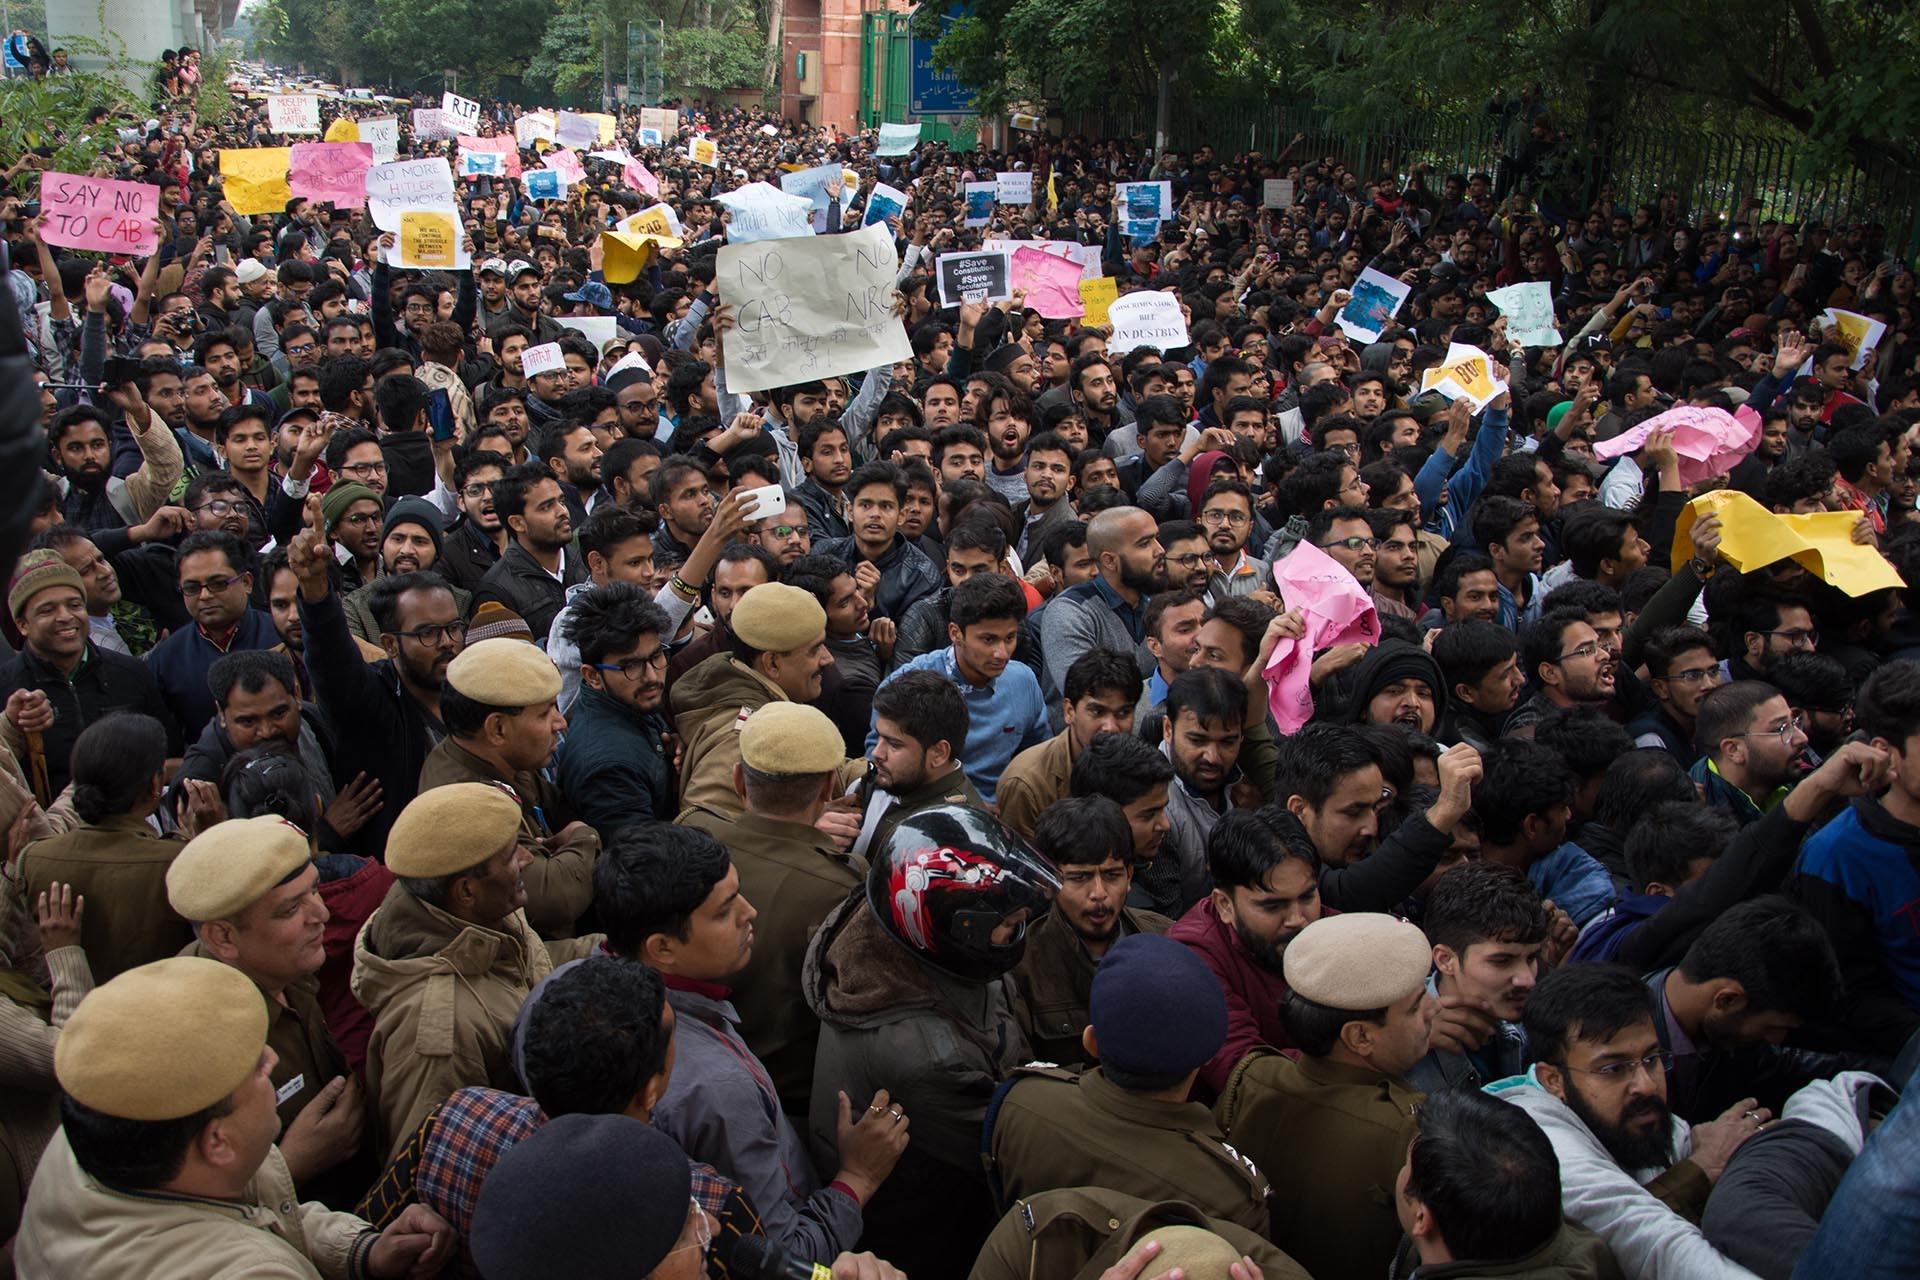 Hindistan'da eyleme katılanlar sloganlar atıyor